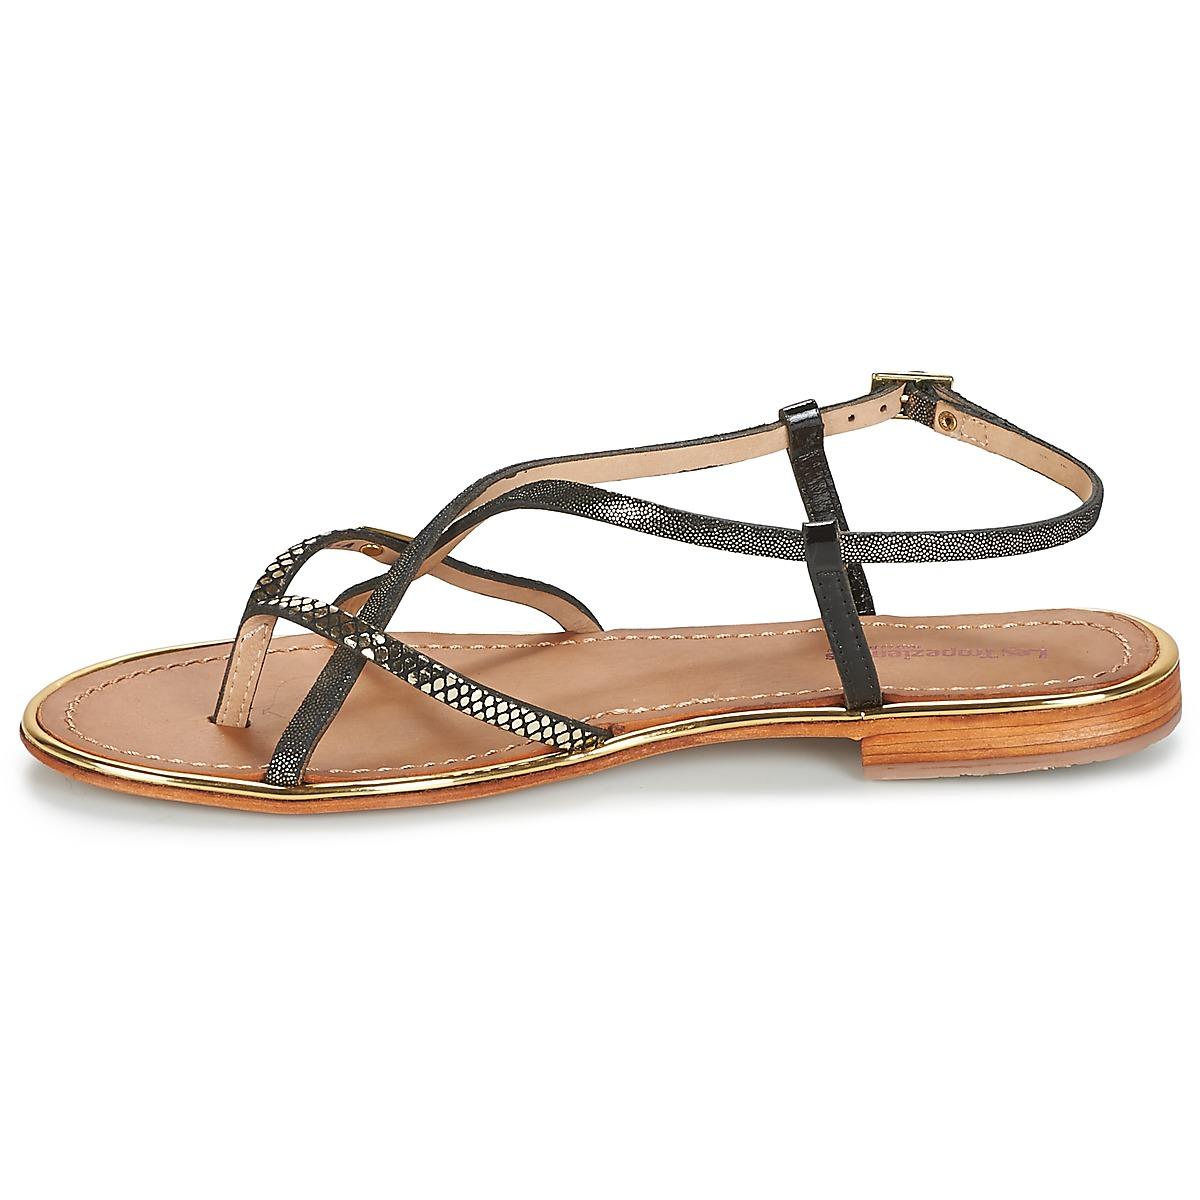 Les Tropéziennes Par M Belarbi Monaco Noir / Doré - Livraison Gratuite Chaussures Sandale Femme 65,00 €